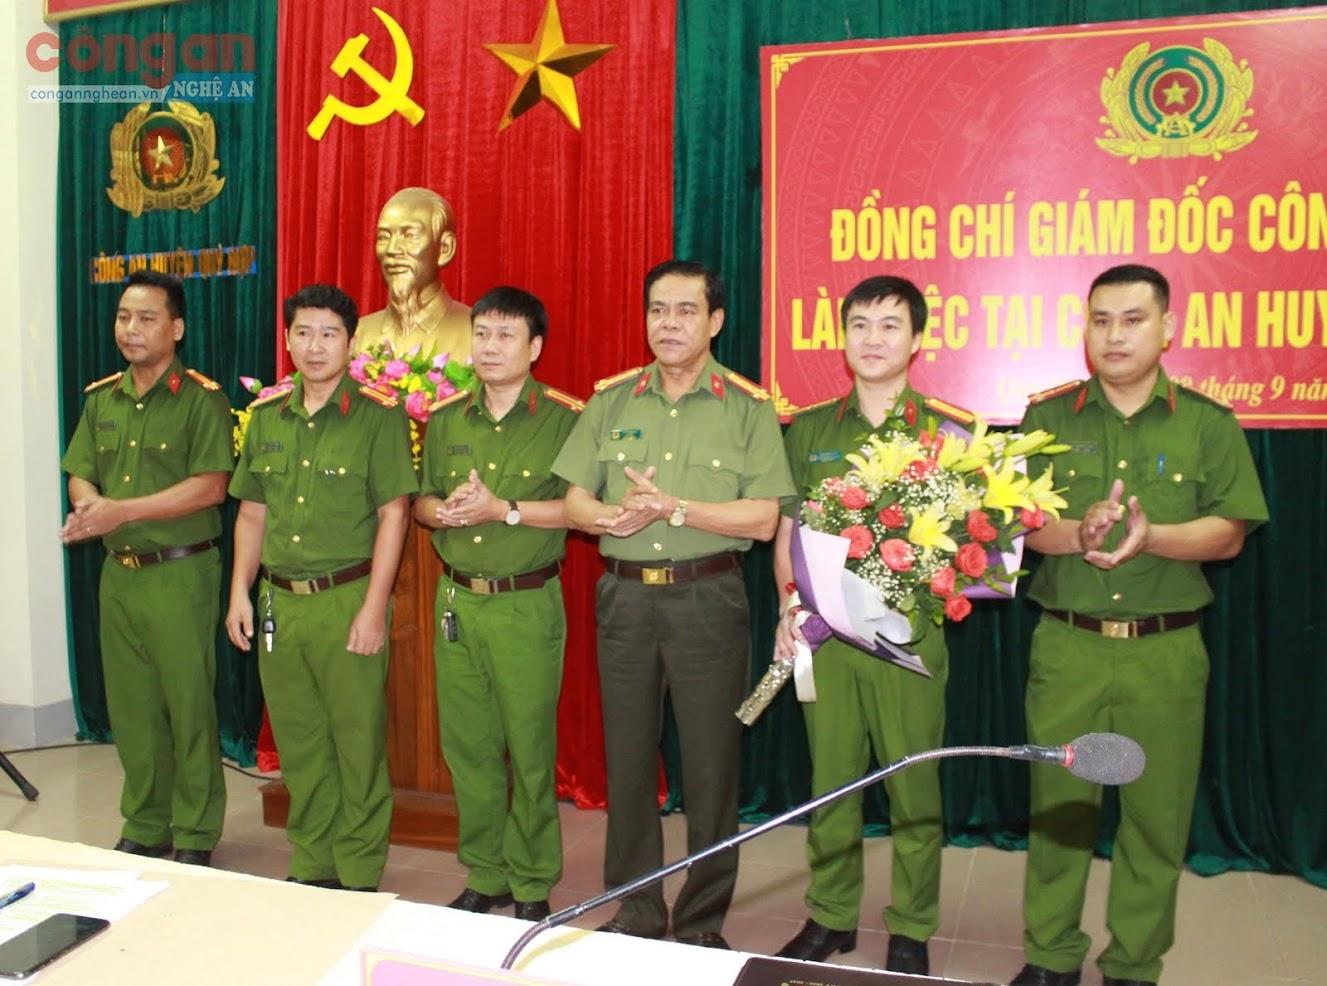 Lãnh đạo Công an tỉnh trao thưởng cho Ban chuyên án